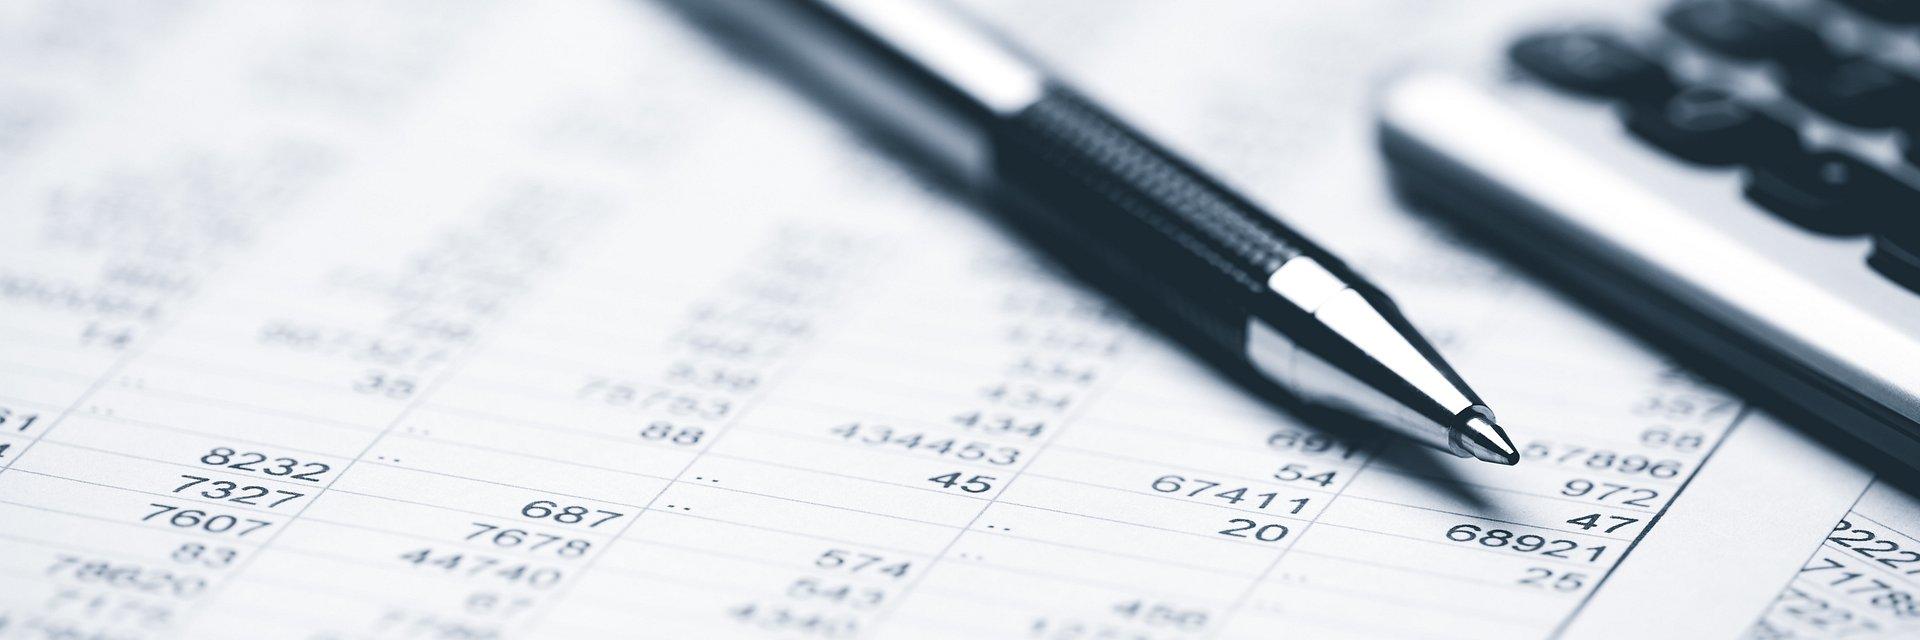 Wydłużony termin na sporządzenie sprawozdania finansowego